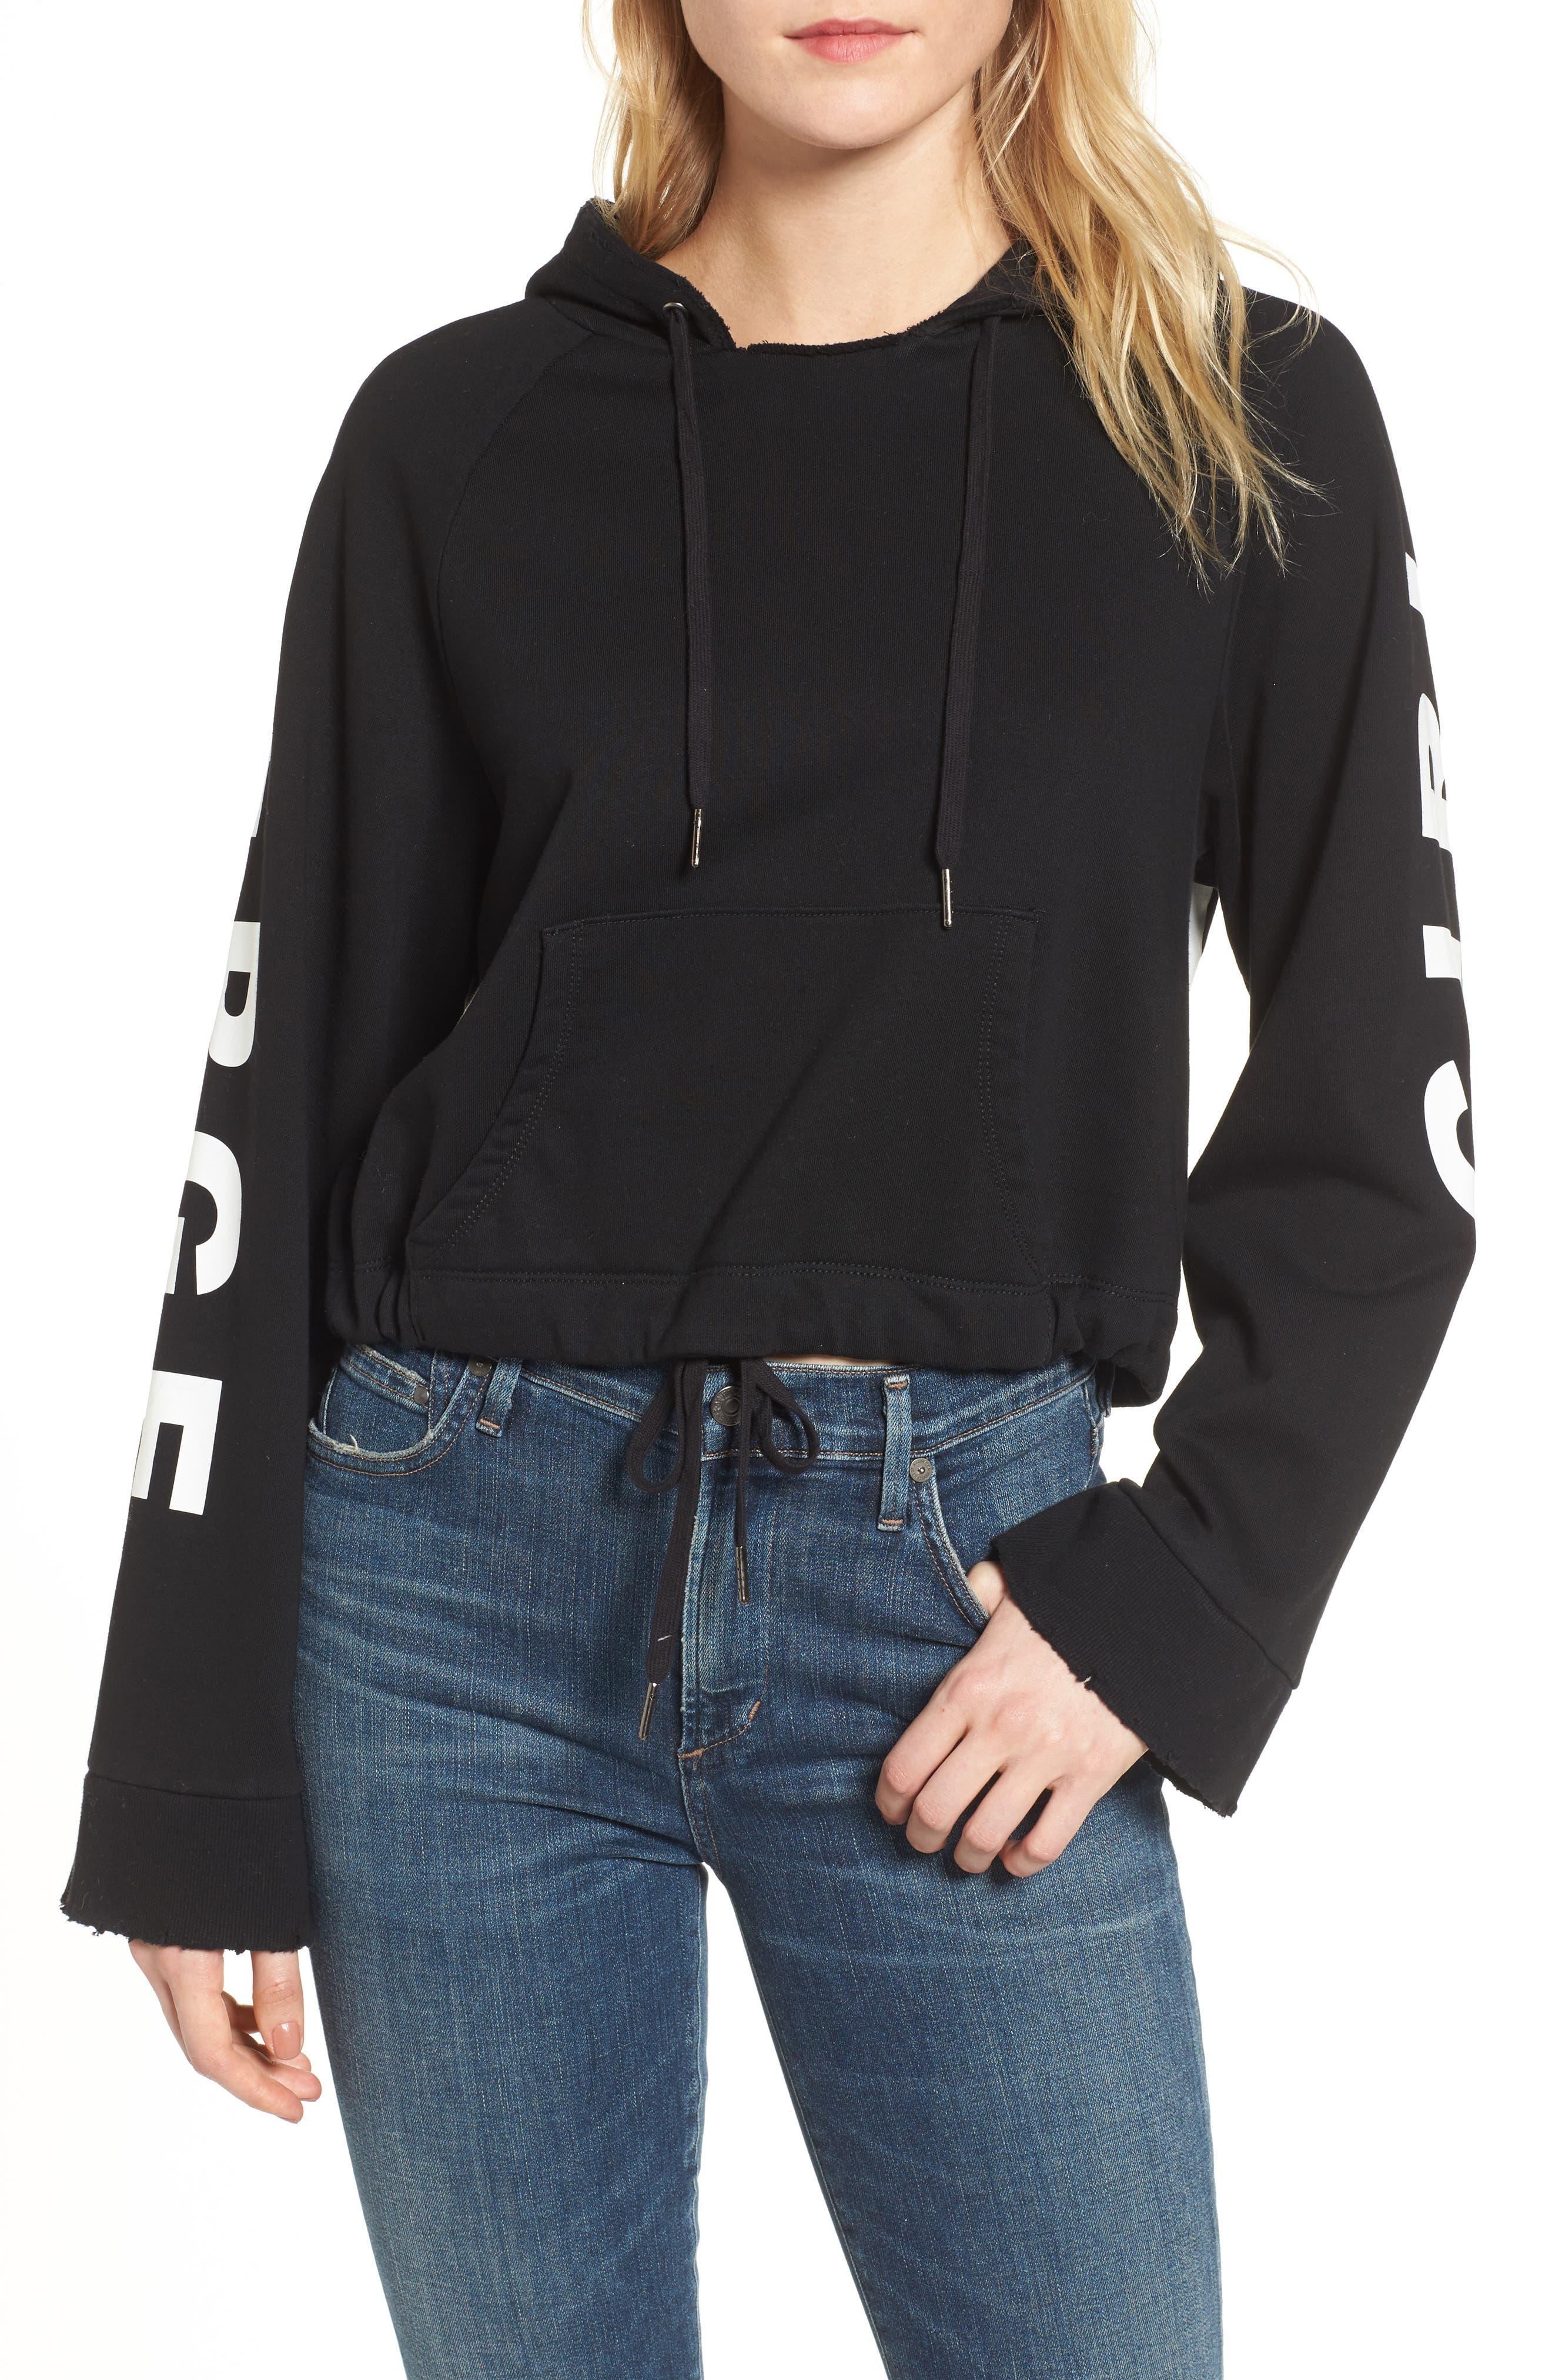 Girl on the Verge Crop Sweatshirt,                         Main,                         color, Black